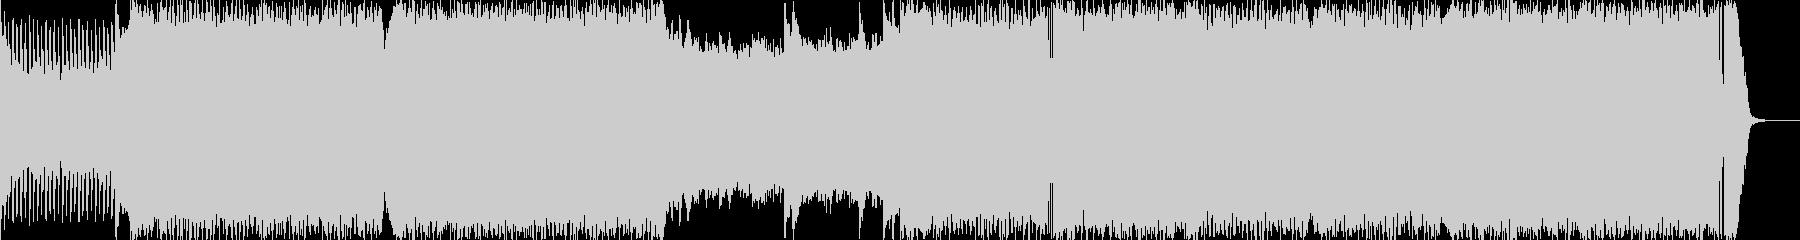 疾走感のあるエレクトロニカ(電子音楽)の未再生の波形